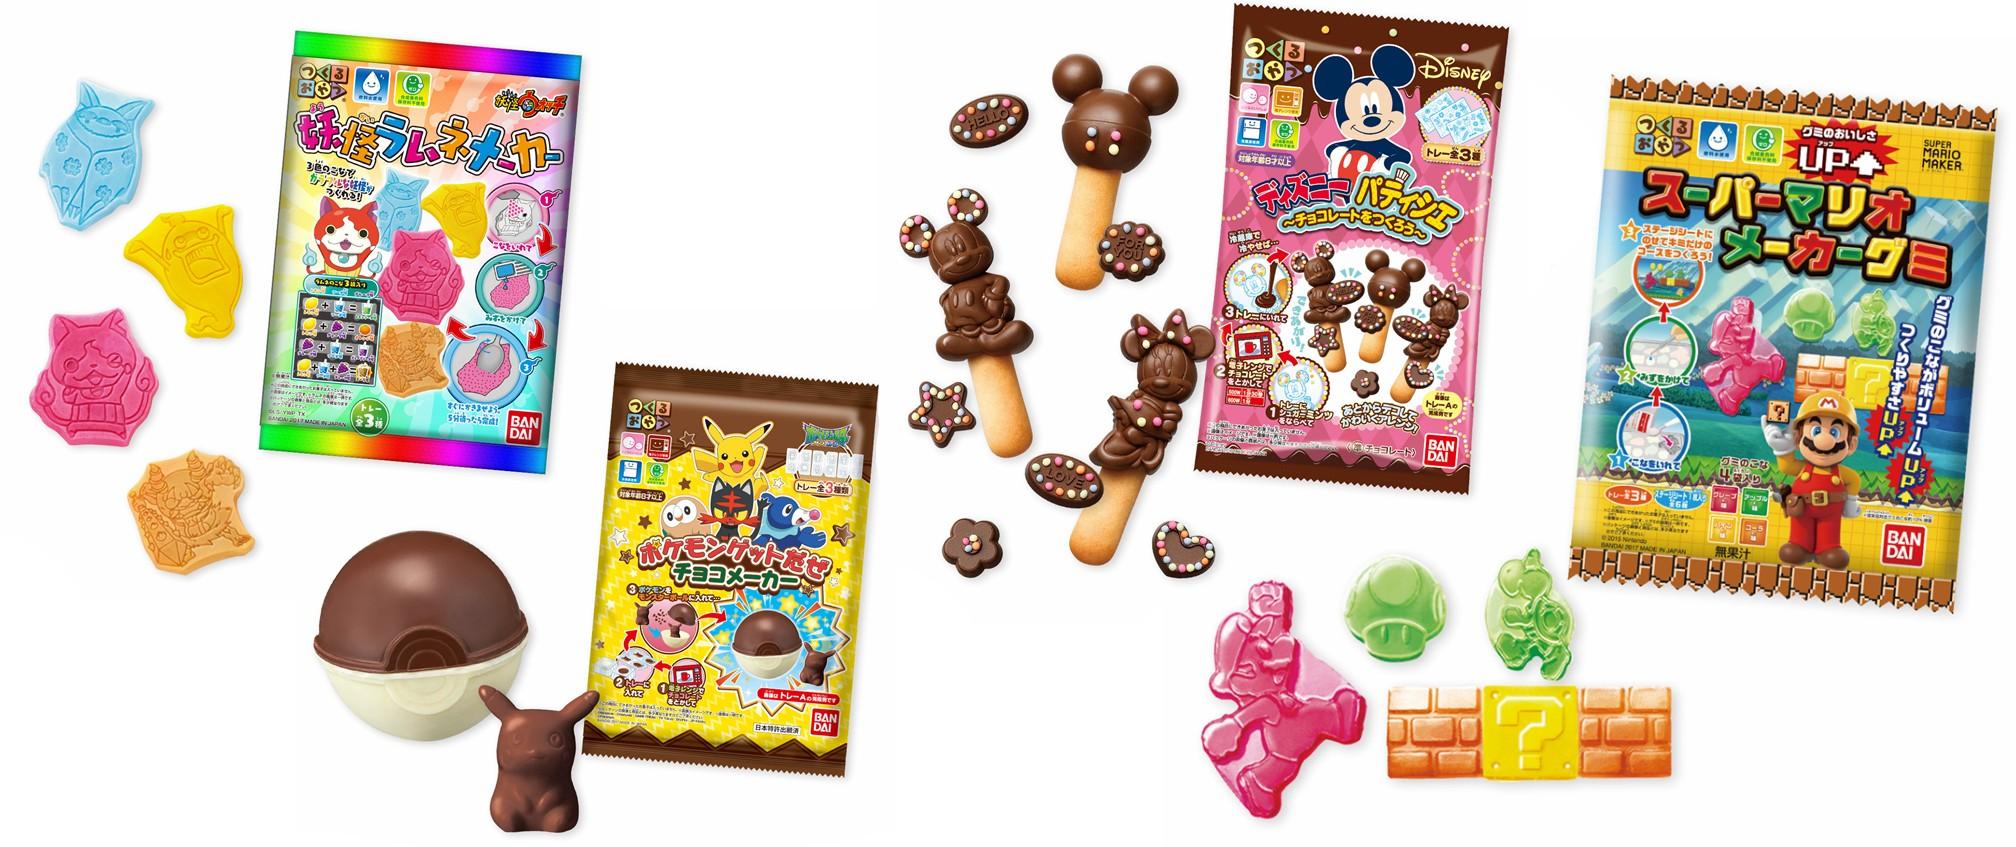 Bandai Character Candy Kits